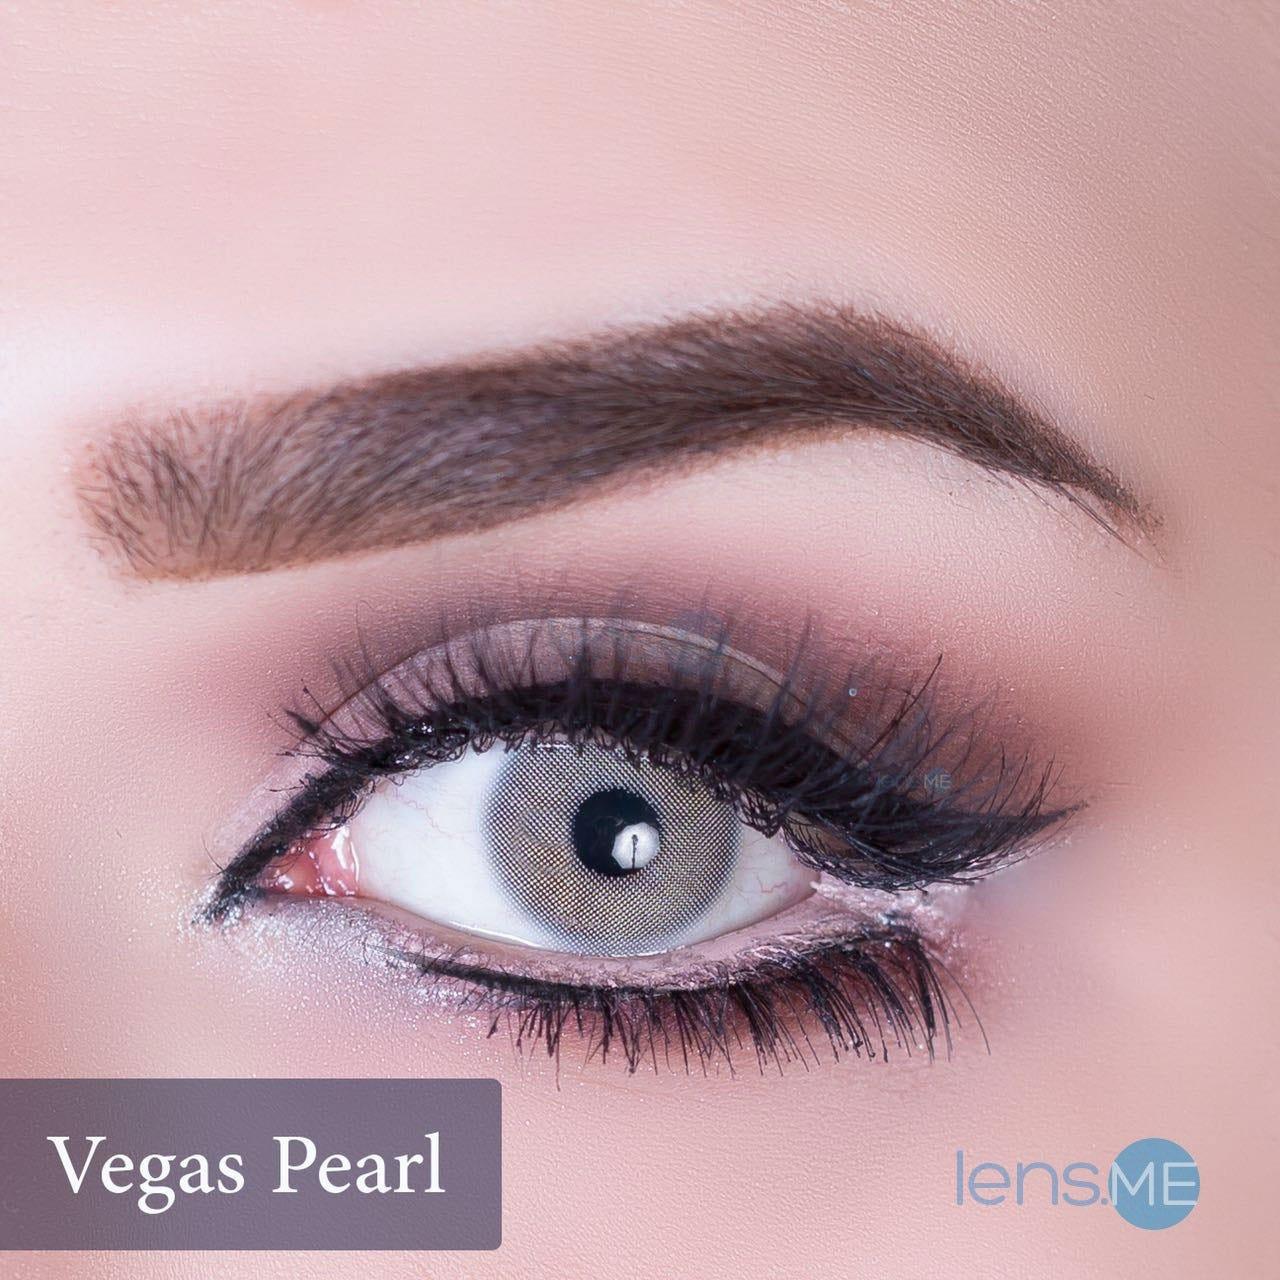 Anesthesia Vegas Pearl | 2 contact lenses | USA, UAE, UK ...